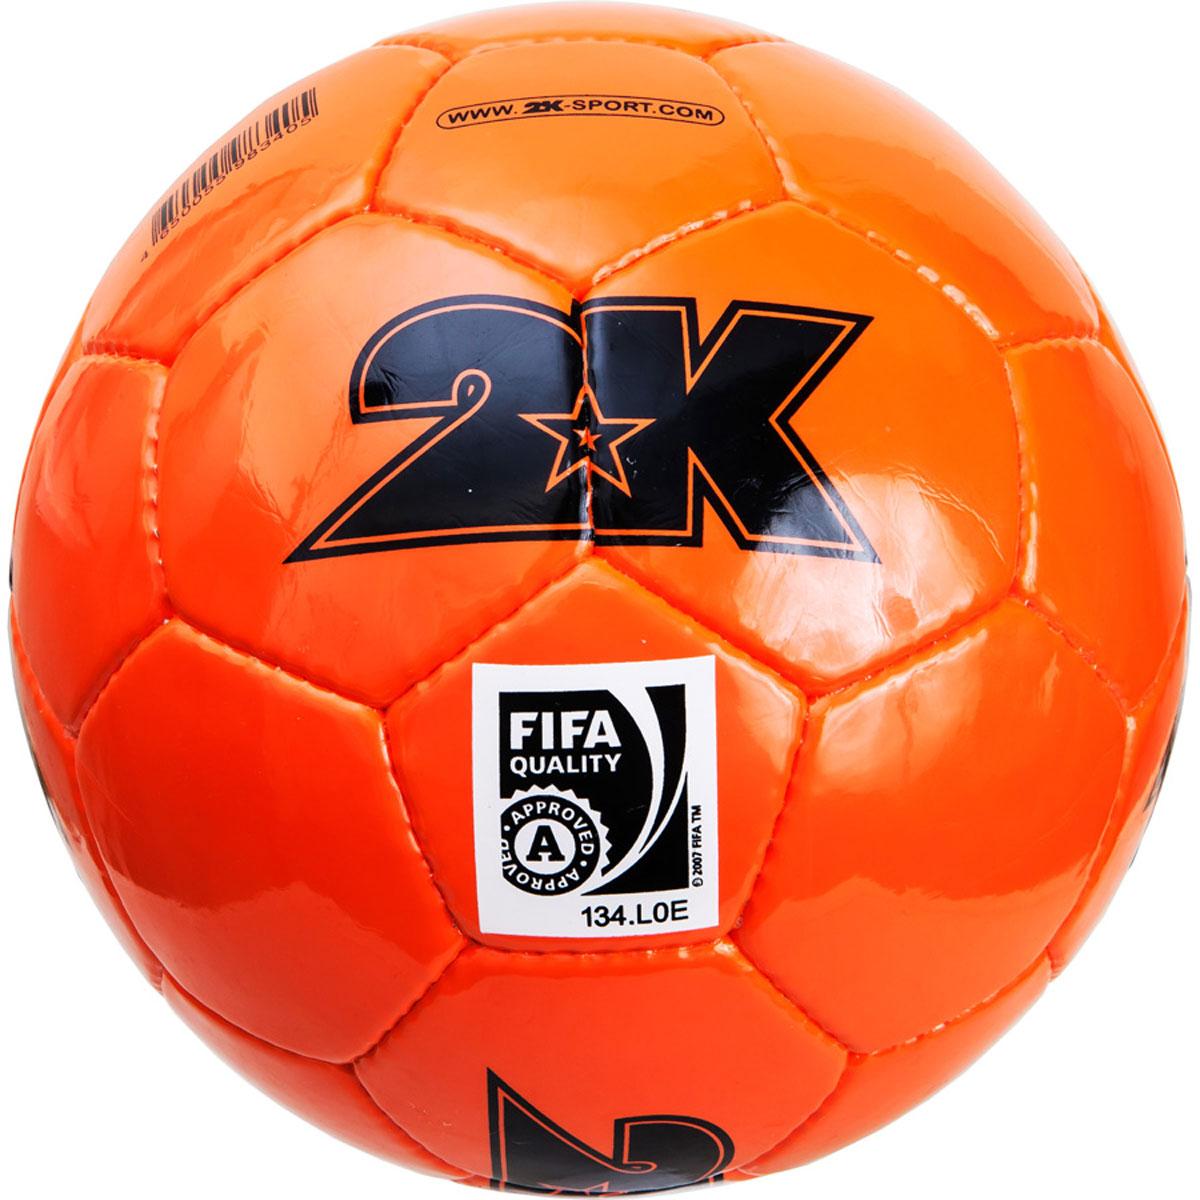 Мяч футбольный 2K Sport Elite, цвет: оранжевый, черный. Размер 5127053Профессиональный футбольный мяч 2K Sport Elite одобрен FIFA для проведения соревнований высшей категории. Мяч состоит из 32 панелей ручной сшивки. Швы проклеены для герметизации. Мяч выполнен из переливающегося ламинированного полиуретана. Имеется три подкладочных слоя из эксклюзивной ткани – смеси хлопка с полиэстером. Идеально сбалансированная бесшовная камера изготовлена из натурального латекса. Сертификат FIFA Approved.